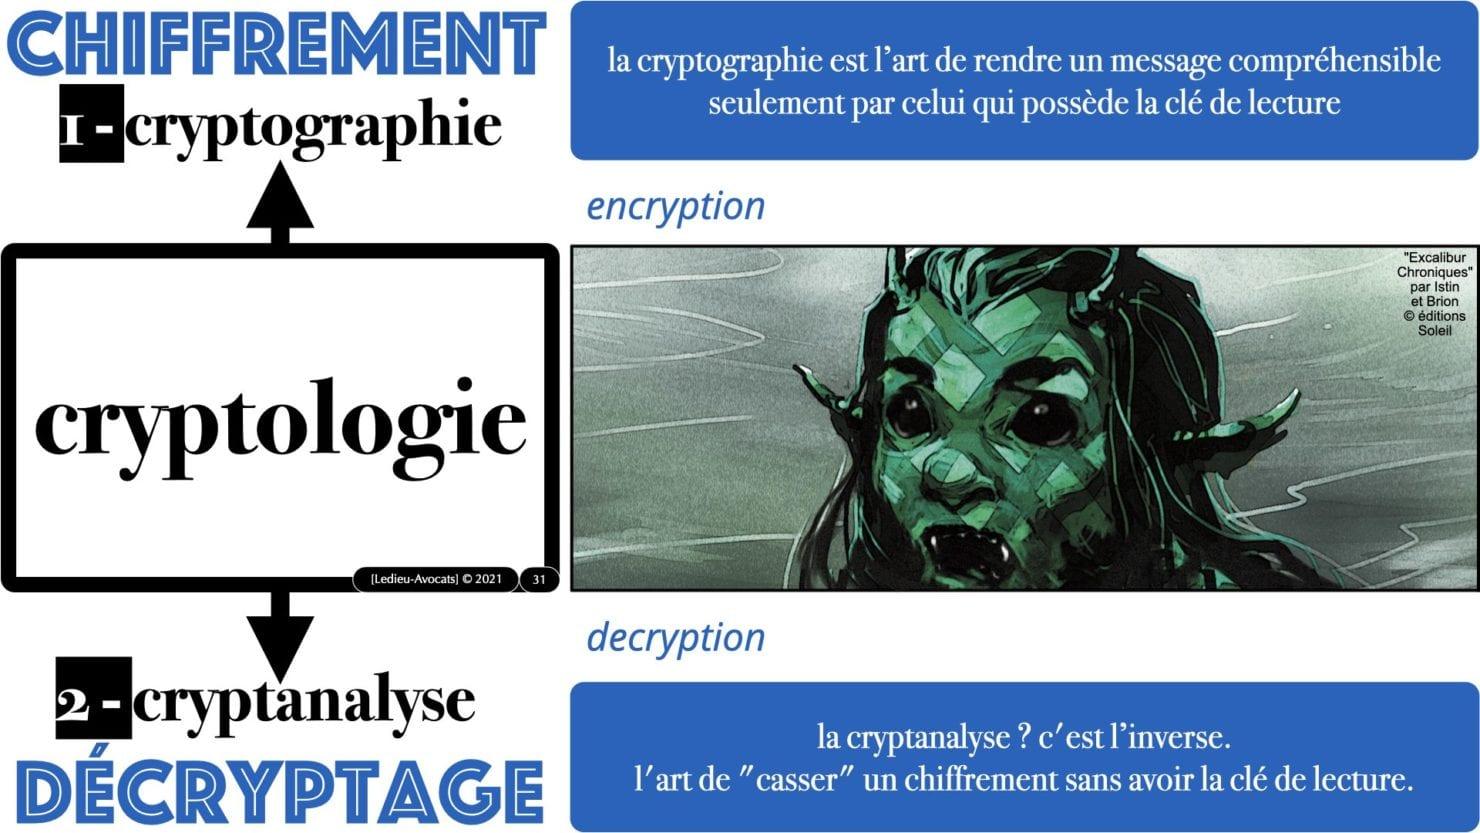 341 chiffrement cryptographie symetrique asymetrique hachage cryptographique TECHNIQUE JURIDIQUE © Ledieu-Avocat 05-07-2021.031